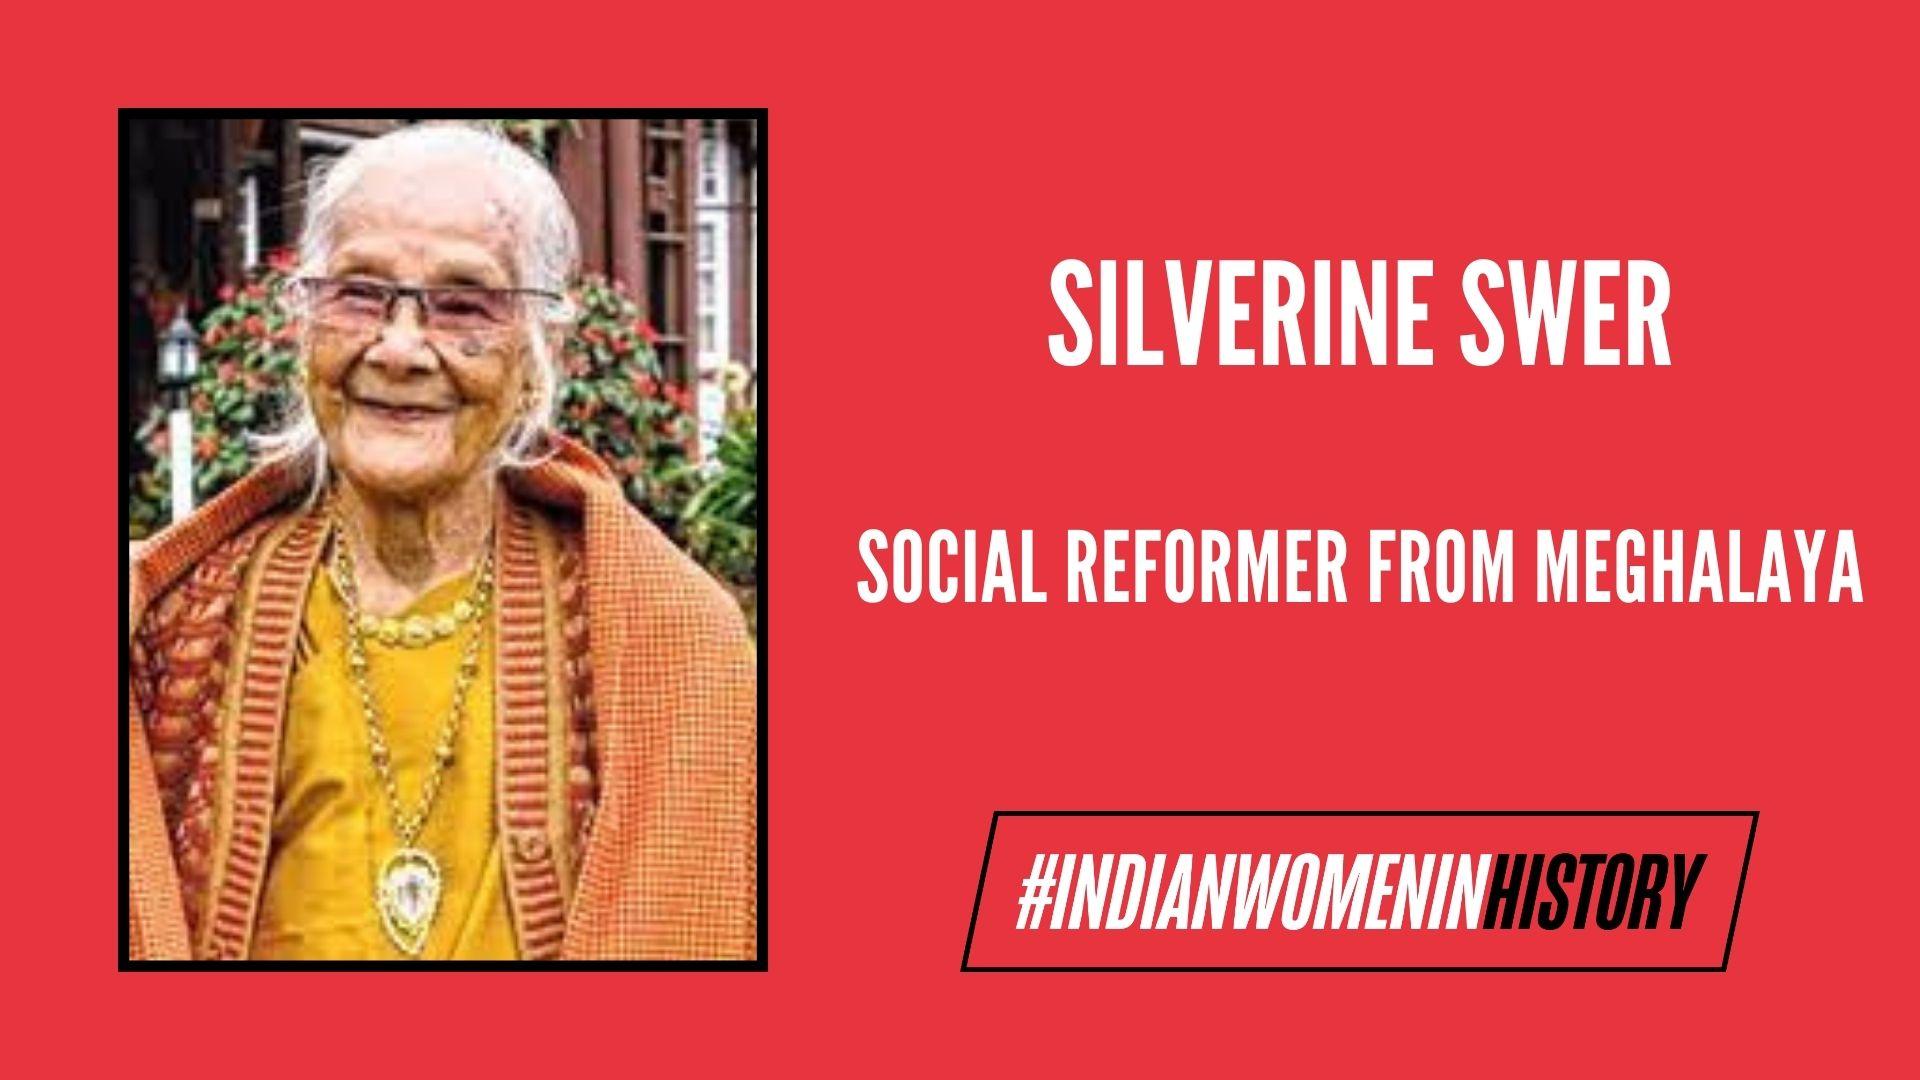 Silverine Swer